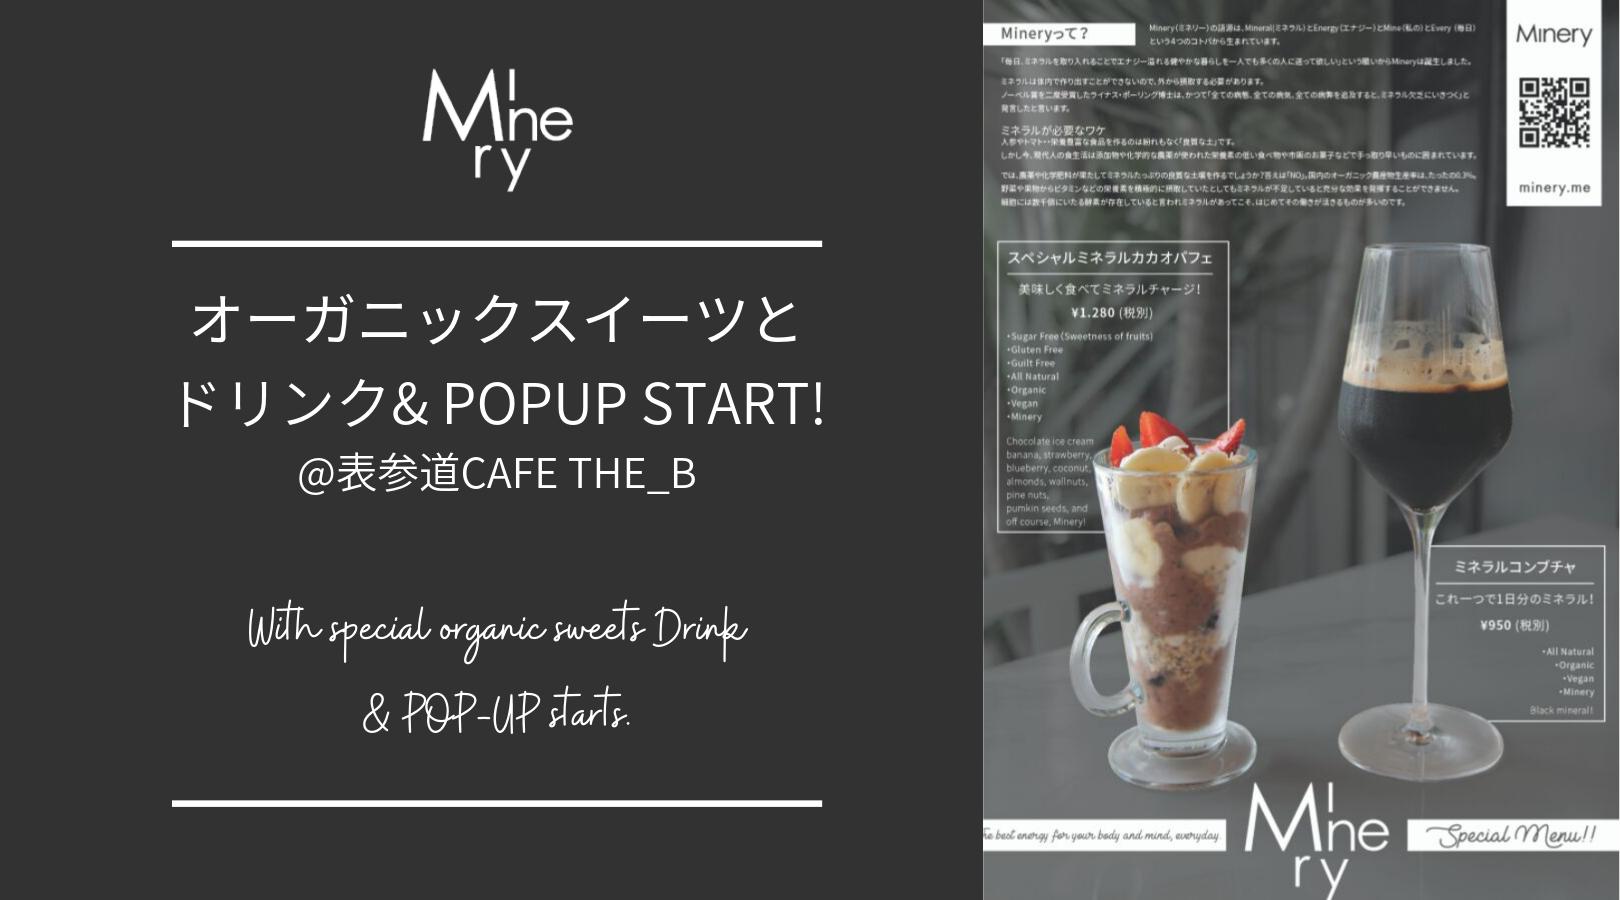 スペシャルminery オーガニックスイーツと ドリンク& popupが 表参道カフェthe bでスタート (1)